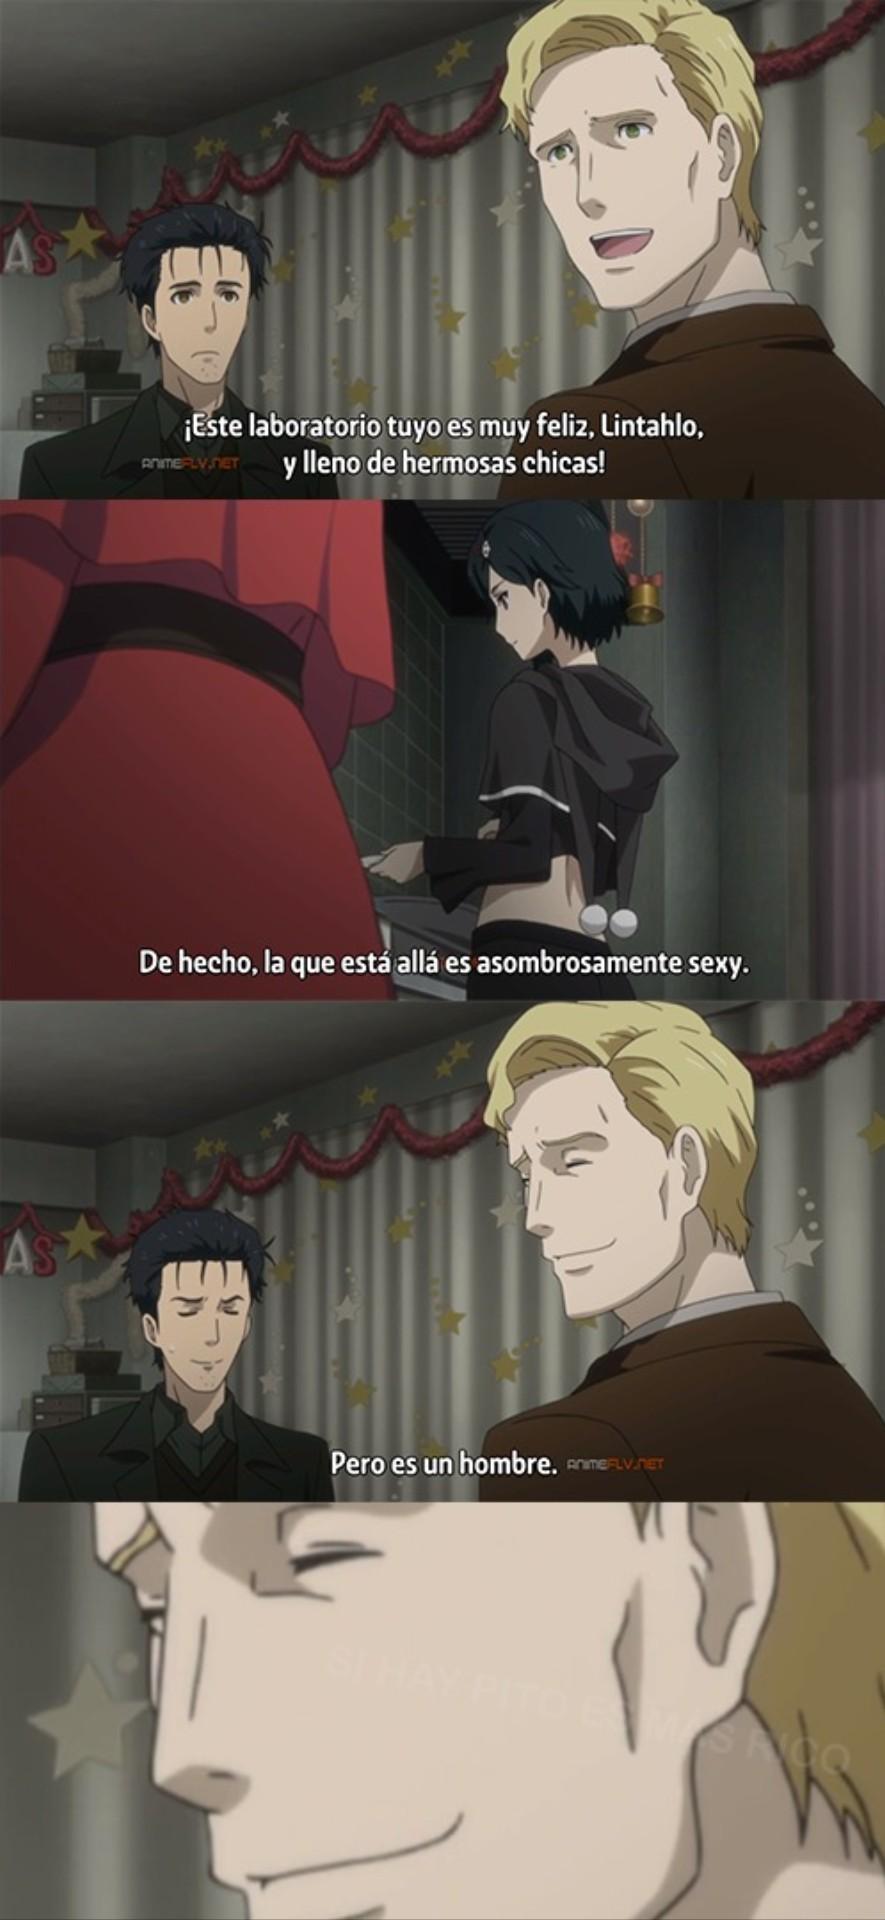 El gringo cae en los trapitos (Anime: Steins;Gate 0) - meme